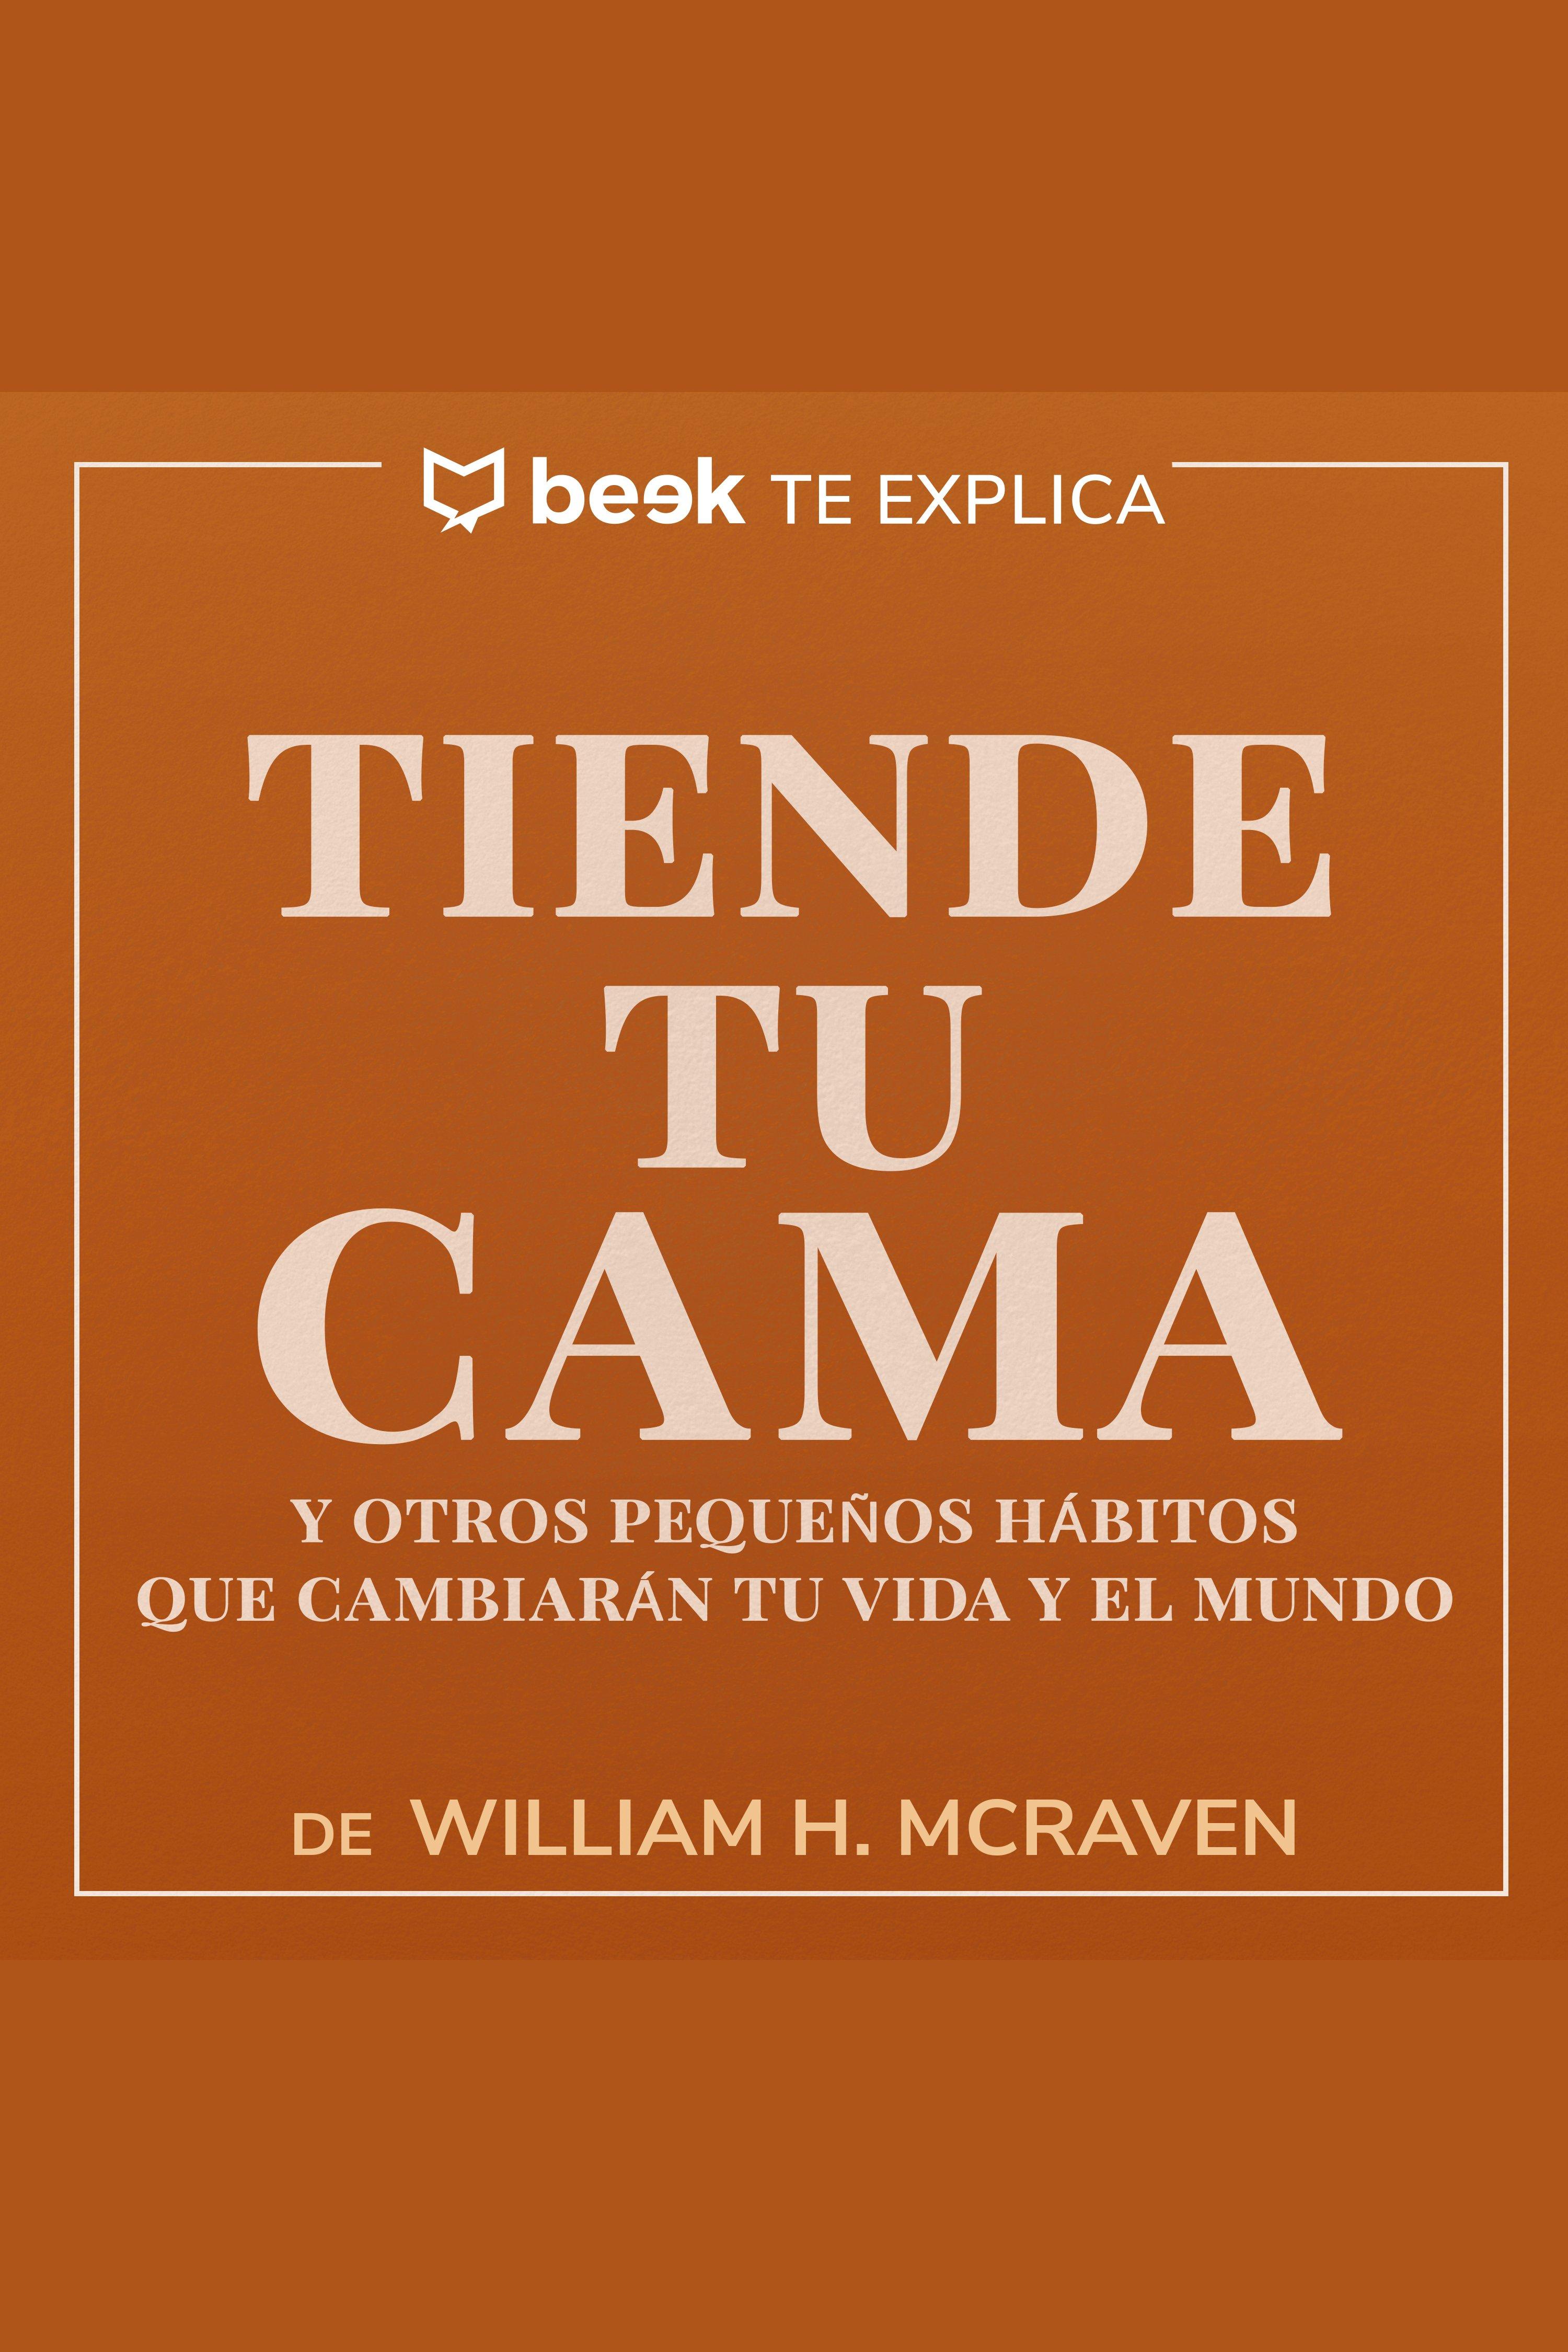 Esta es la portada del audiolibro Tiende tu cama… Beek te explica